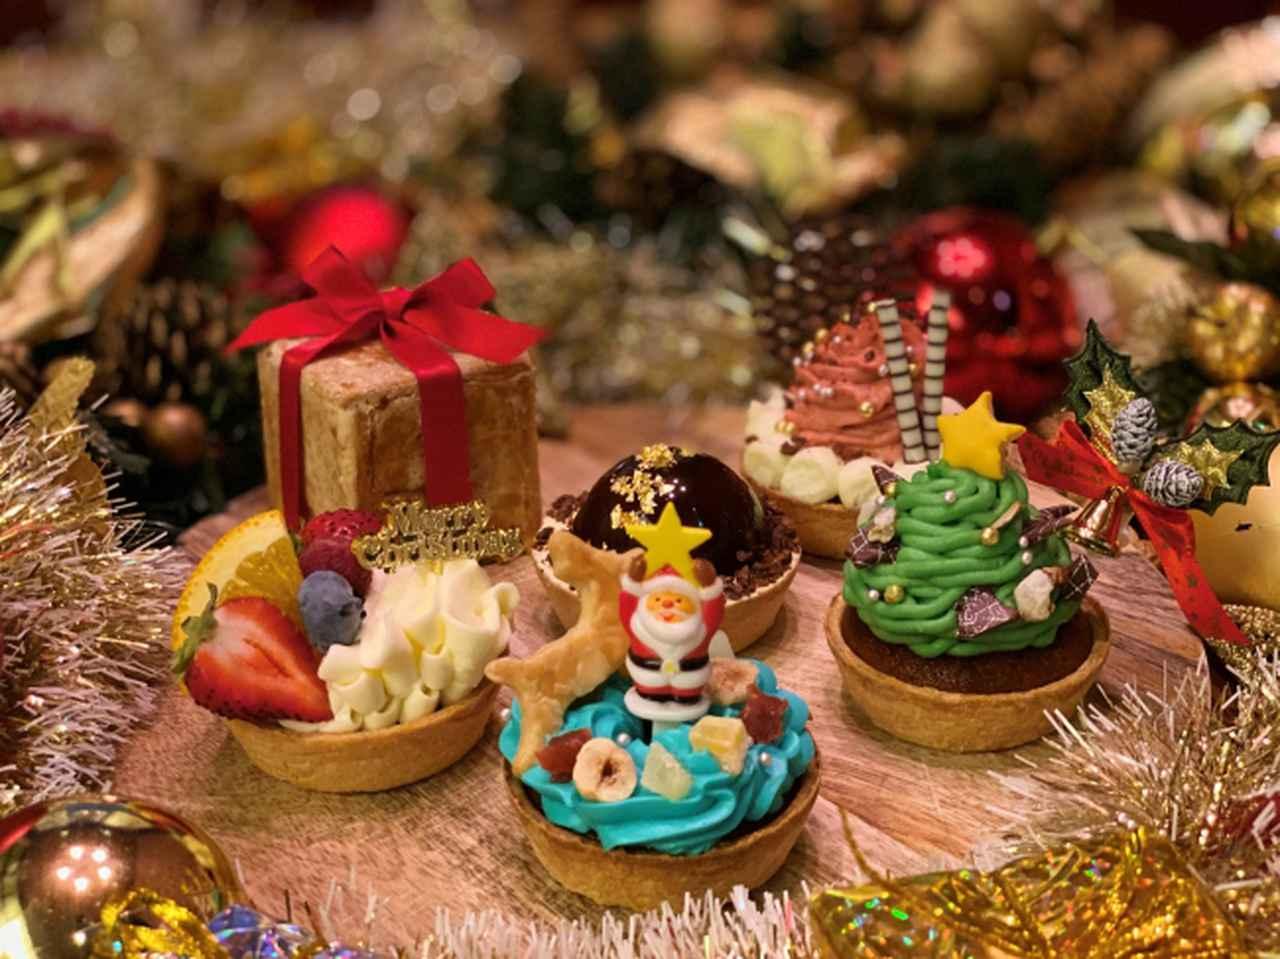 画像1: 「パイホリック」から、おもちゃ箱のようなクリスマス限定スイーツ登場!